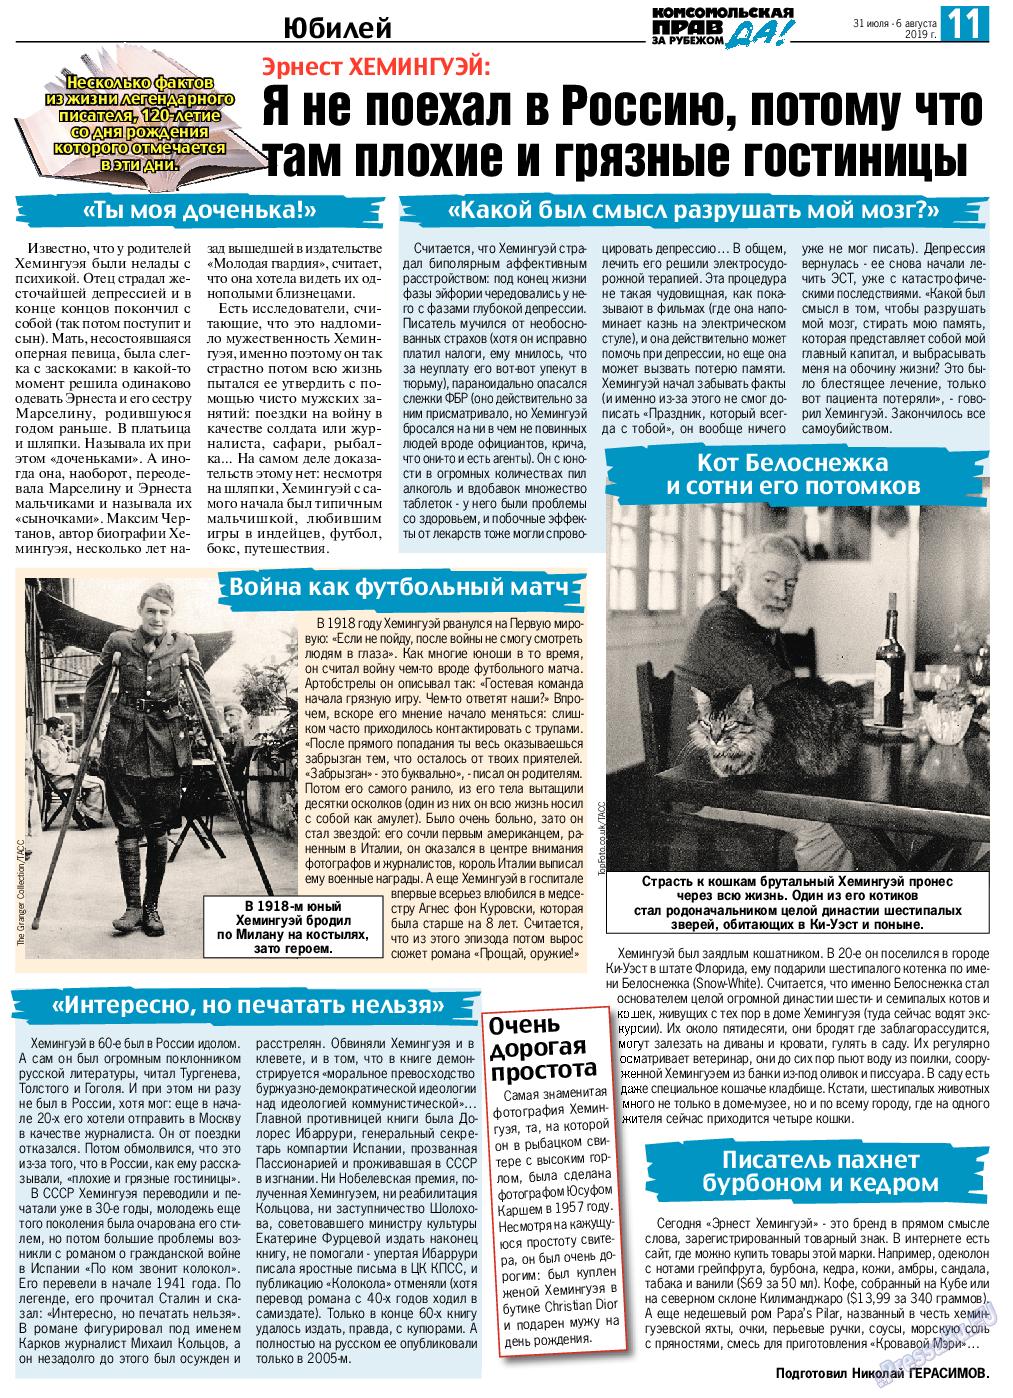 КП в Европе (газета). 2019 год, номер 31, стр. 11